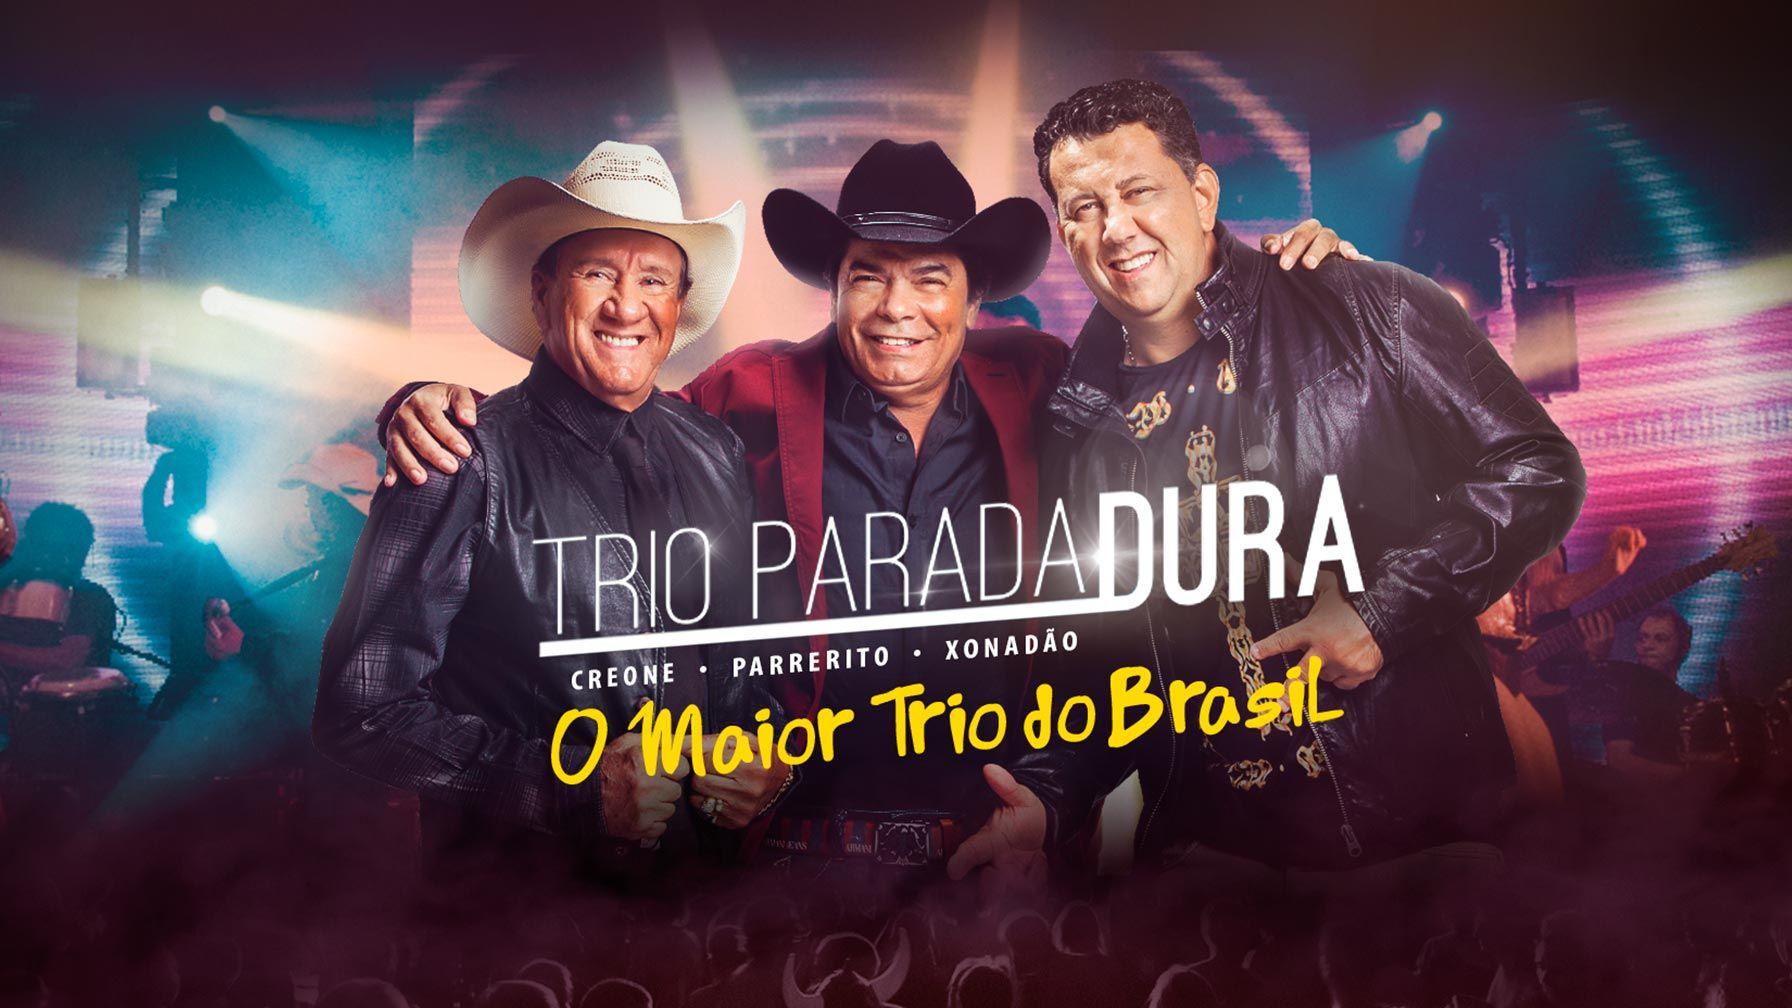 Trio Parada Dura, o maior trio do Brasil